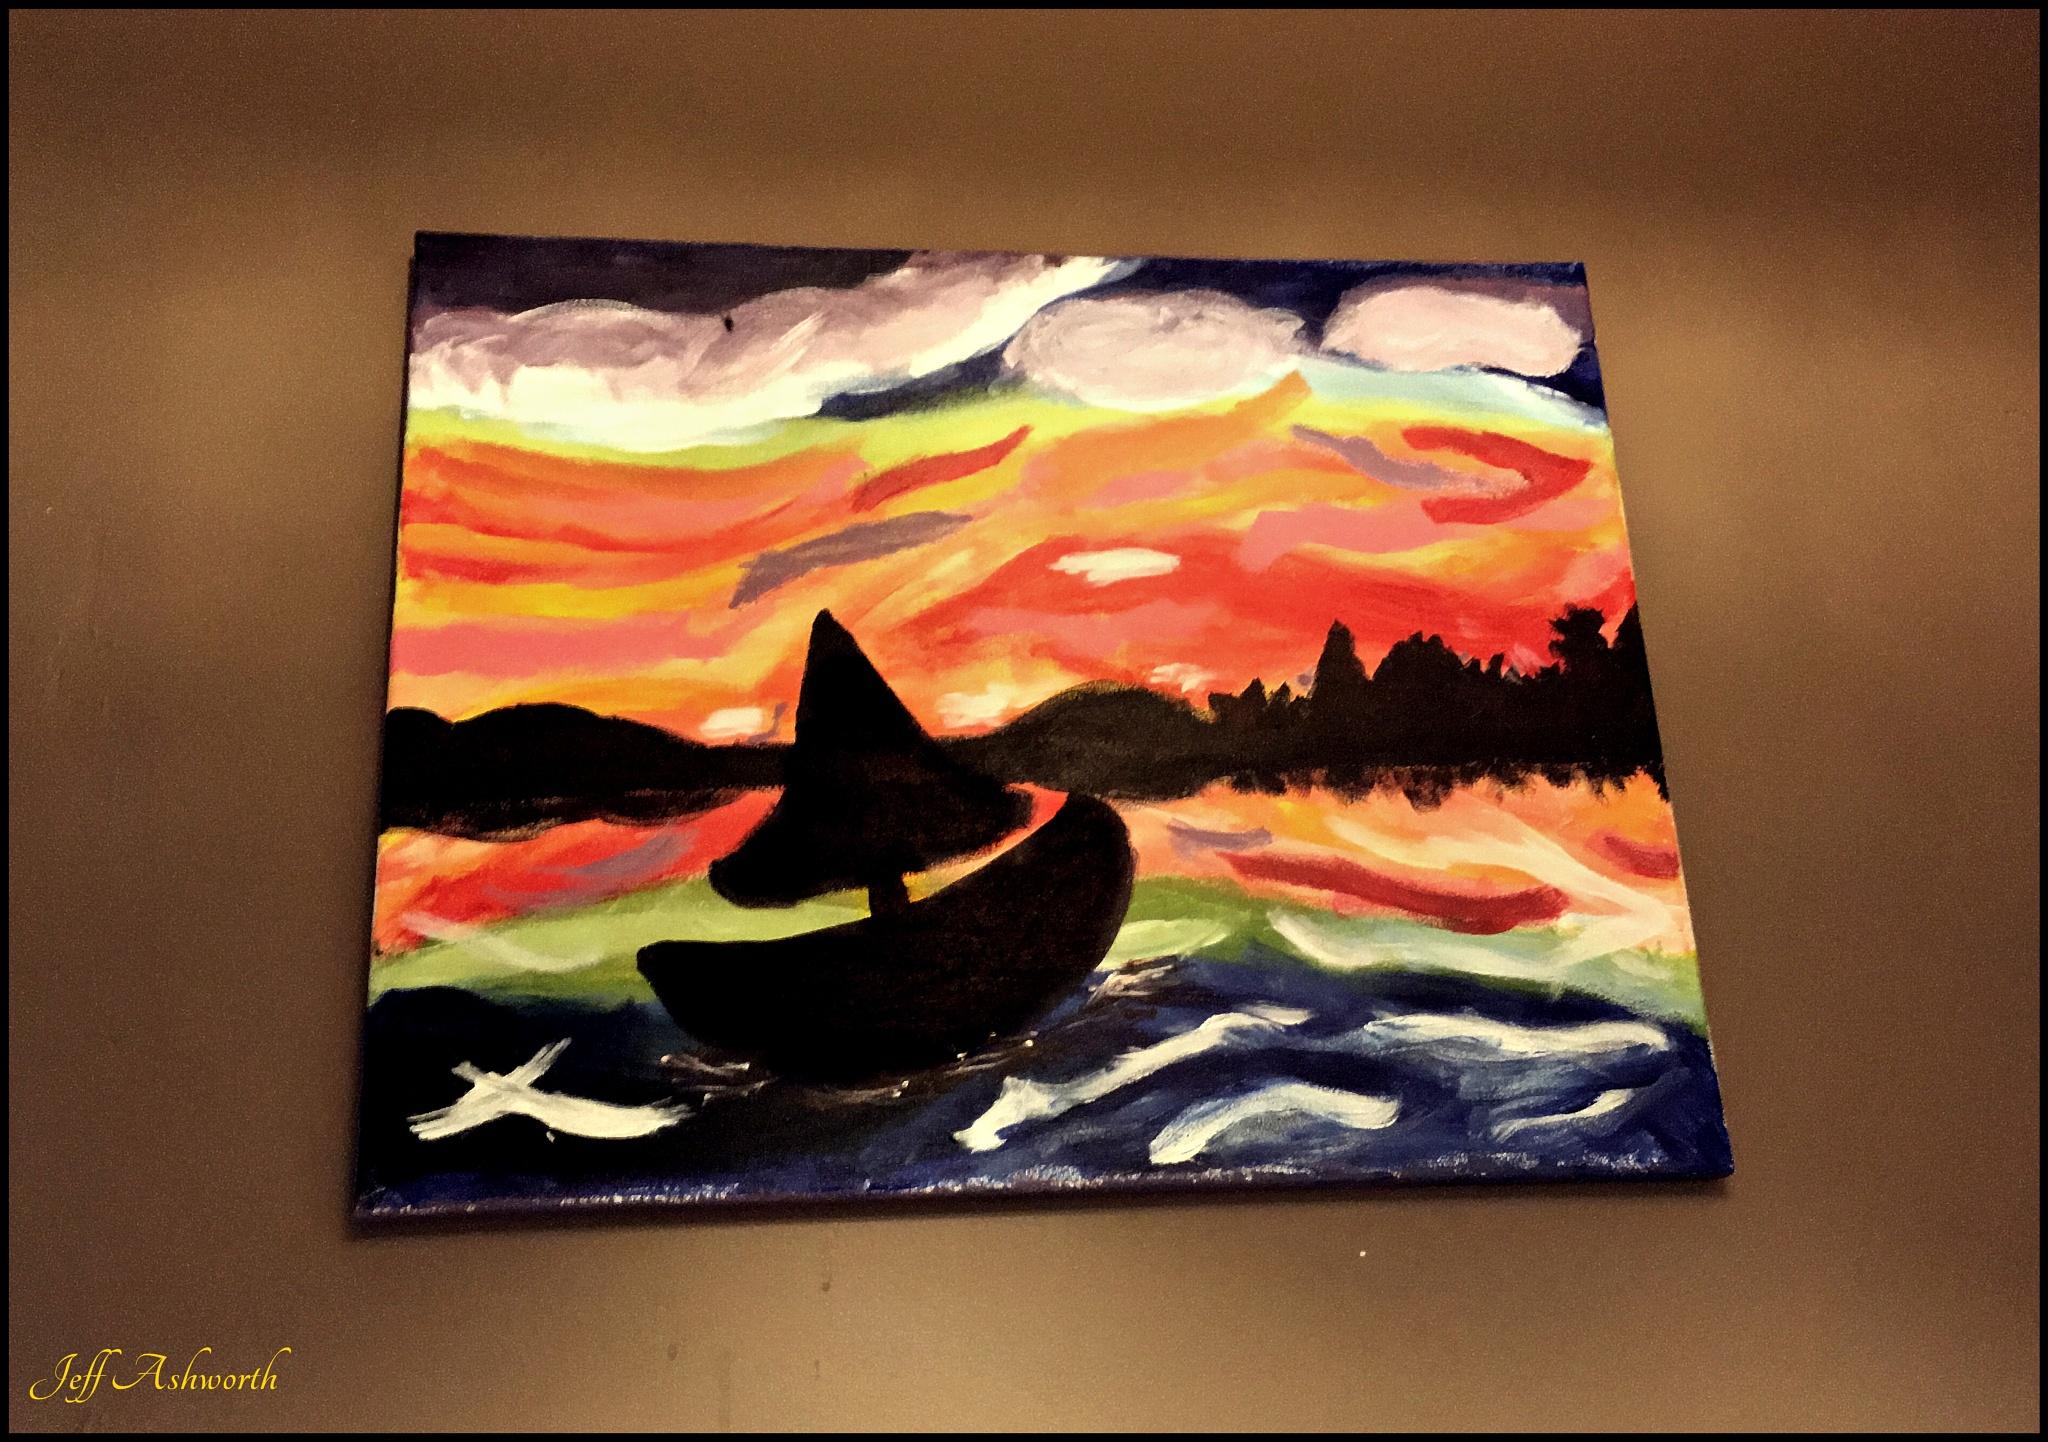 Lost At Sea by jeffashworth